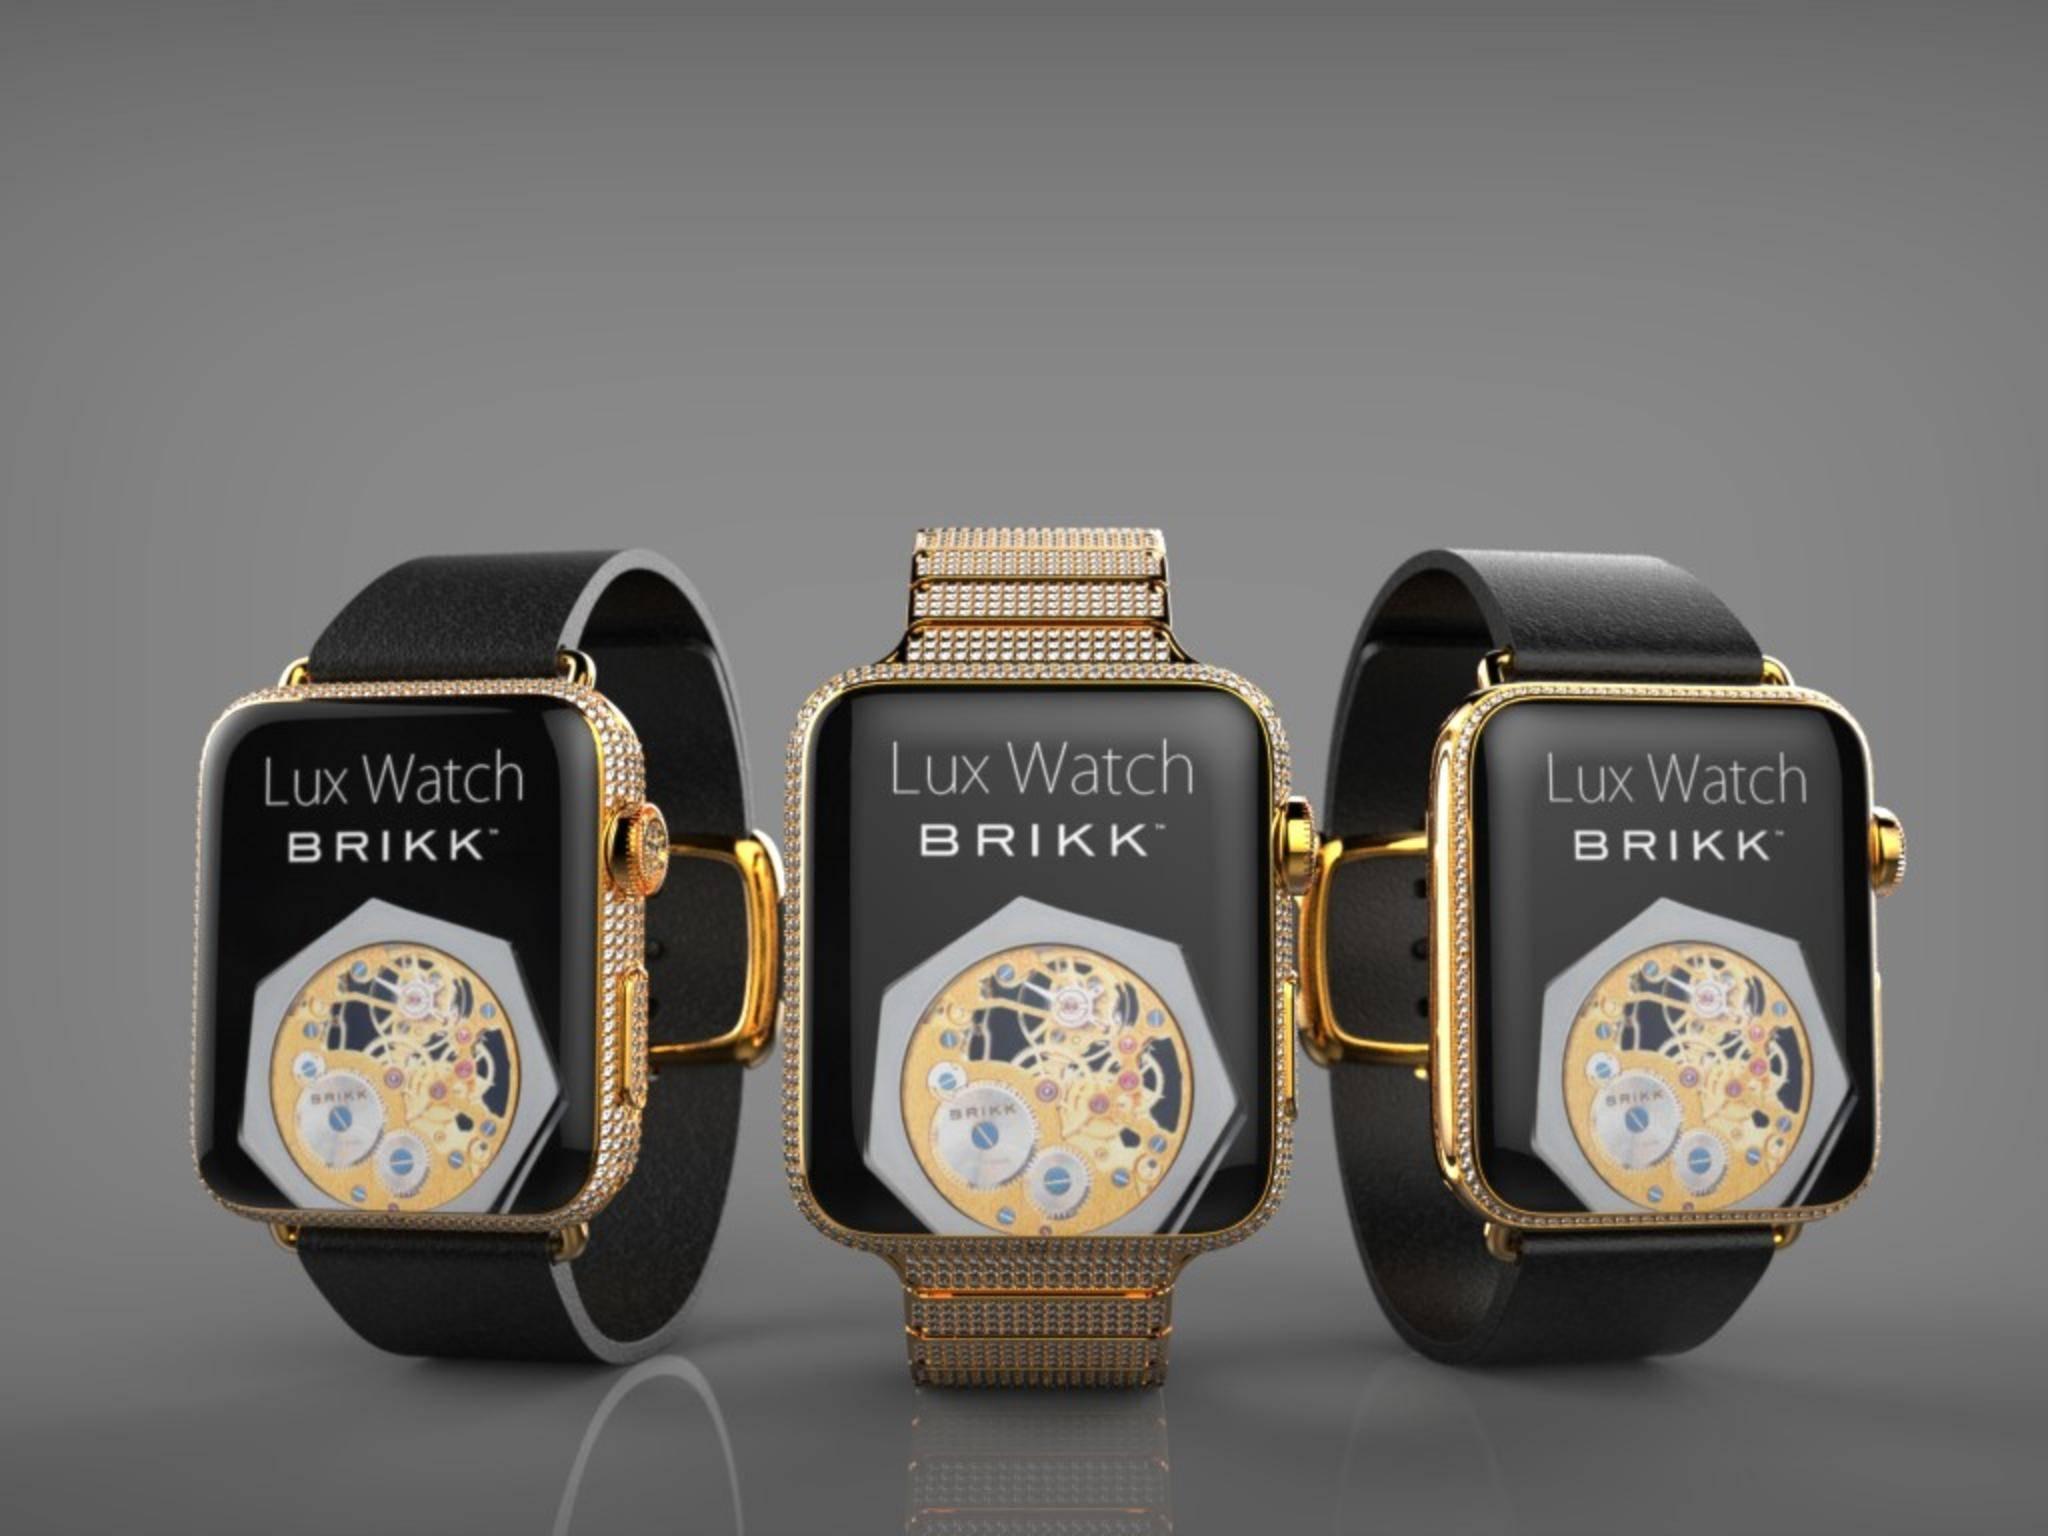 Die Luxusmarke Brikk veredelt die Apple Watch und verlangt bis zu 75.000 Dollar.